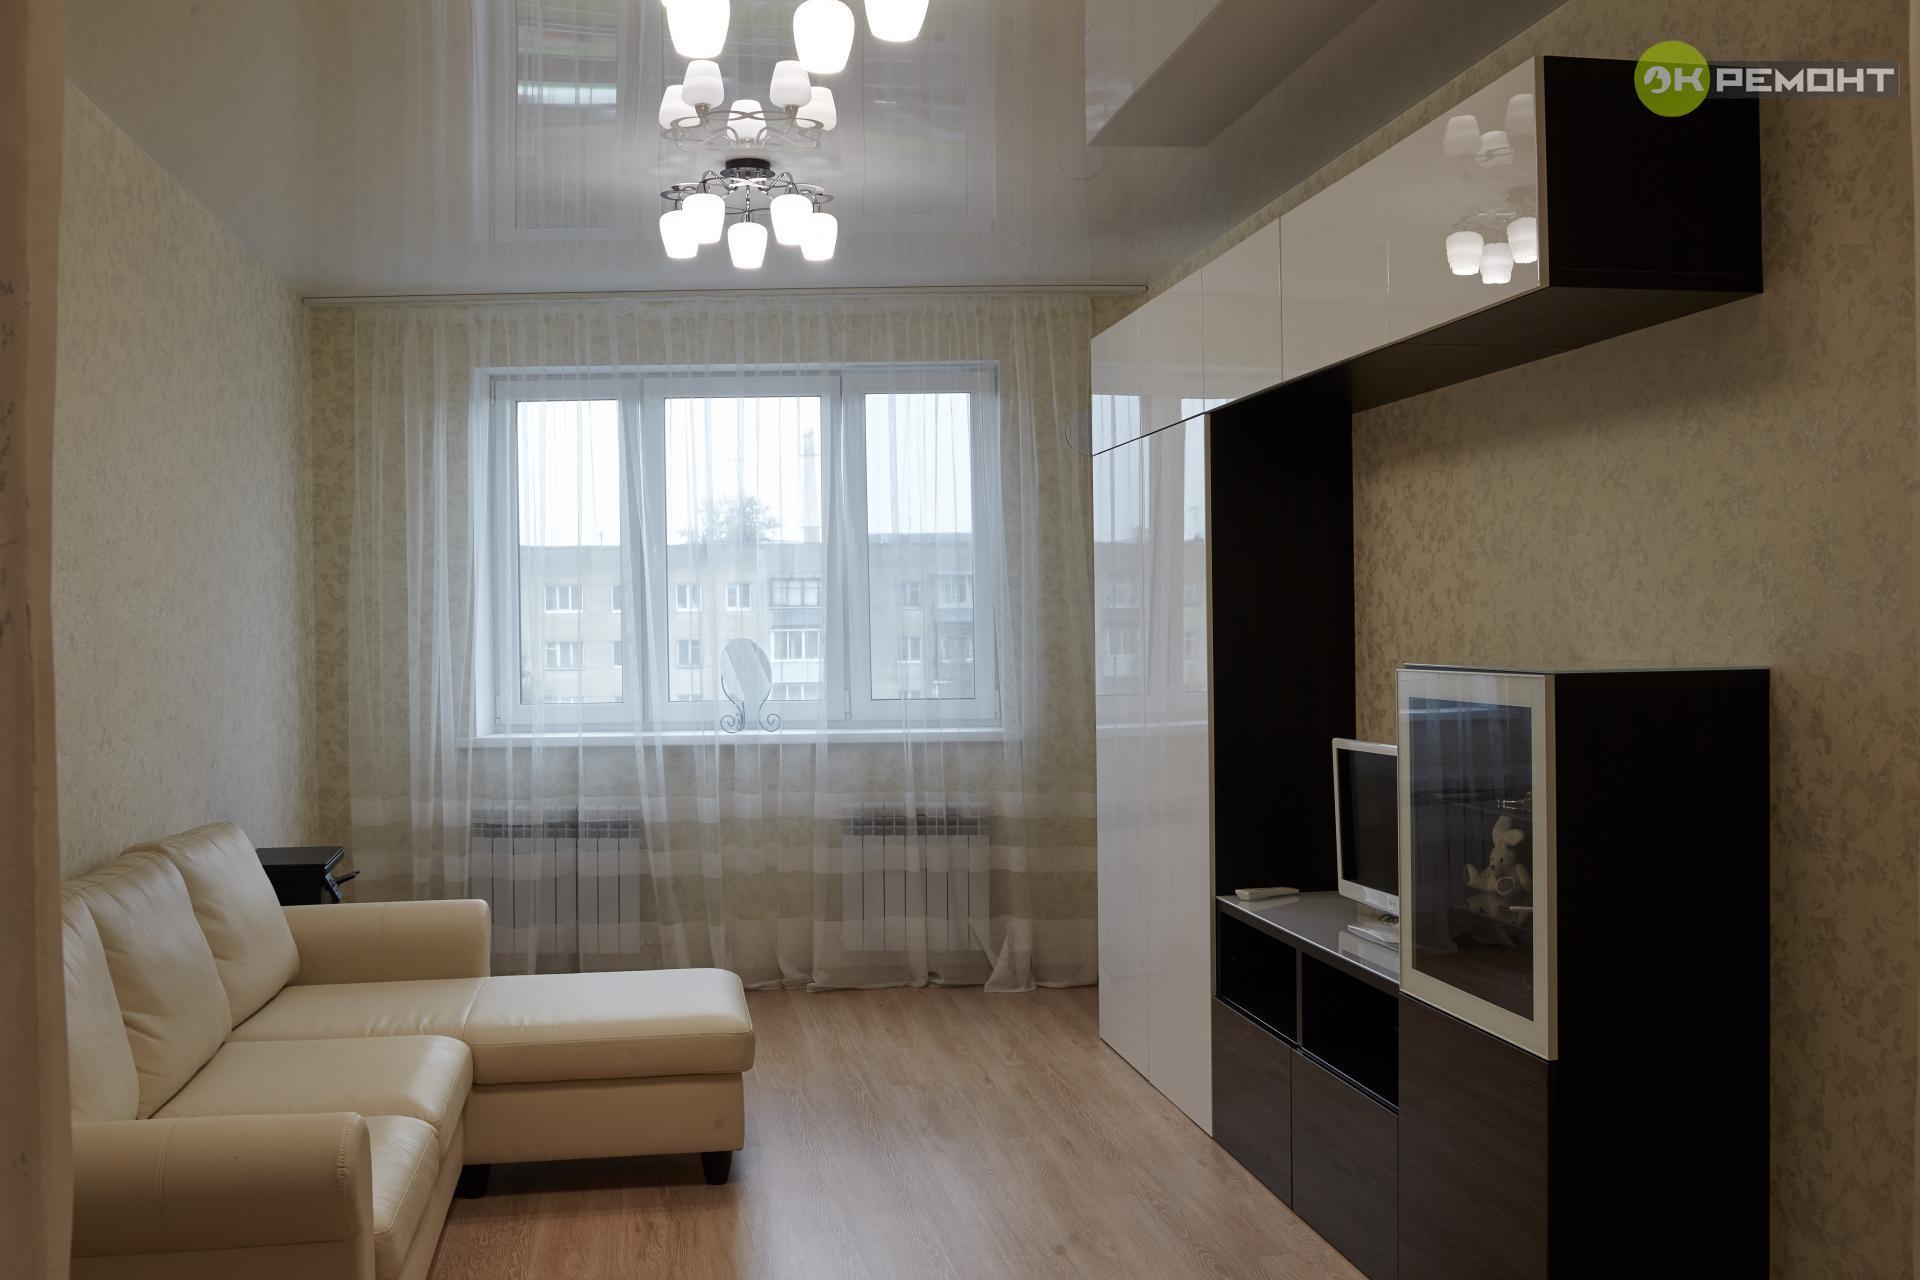 Продажа однокомнатной квартиры на московской улице, 111 в кр.